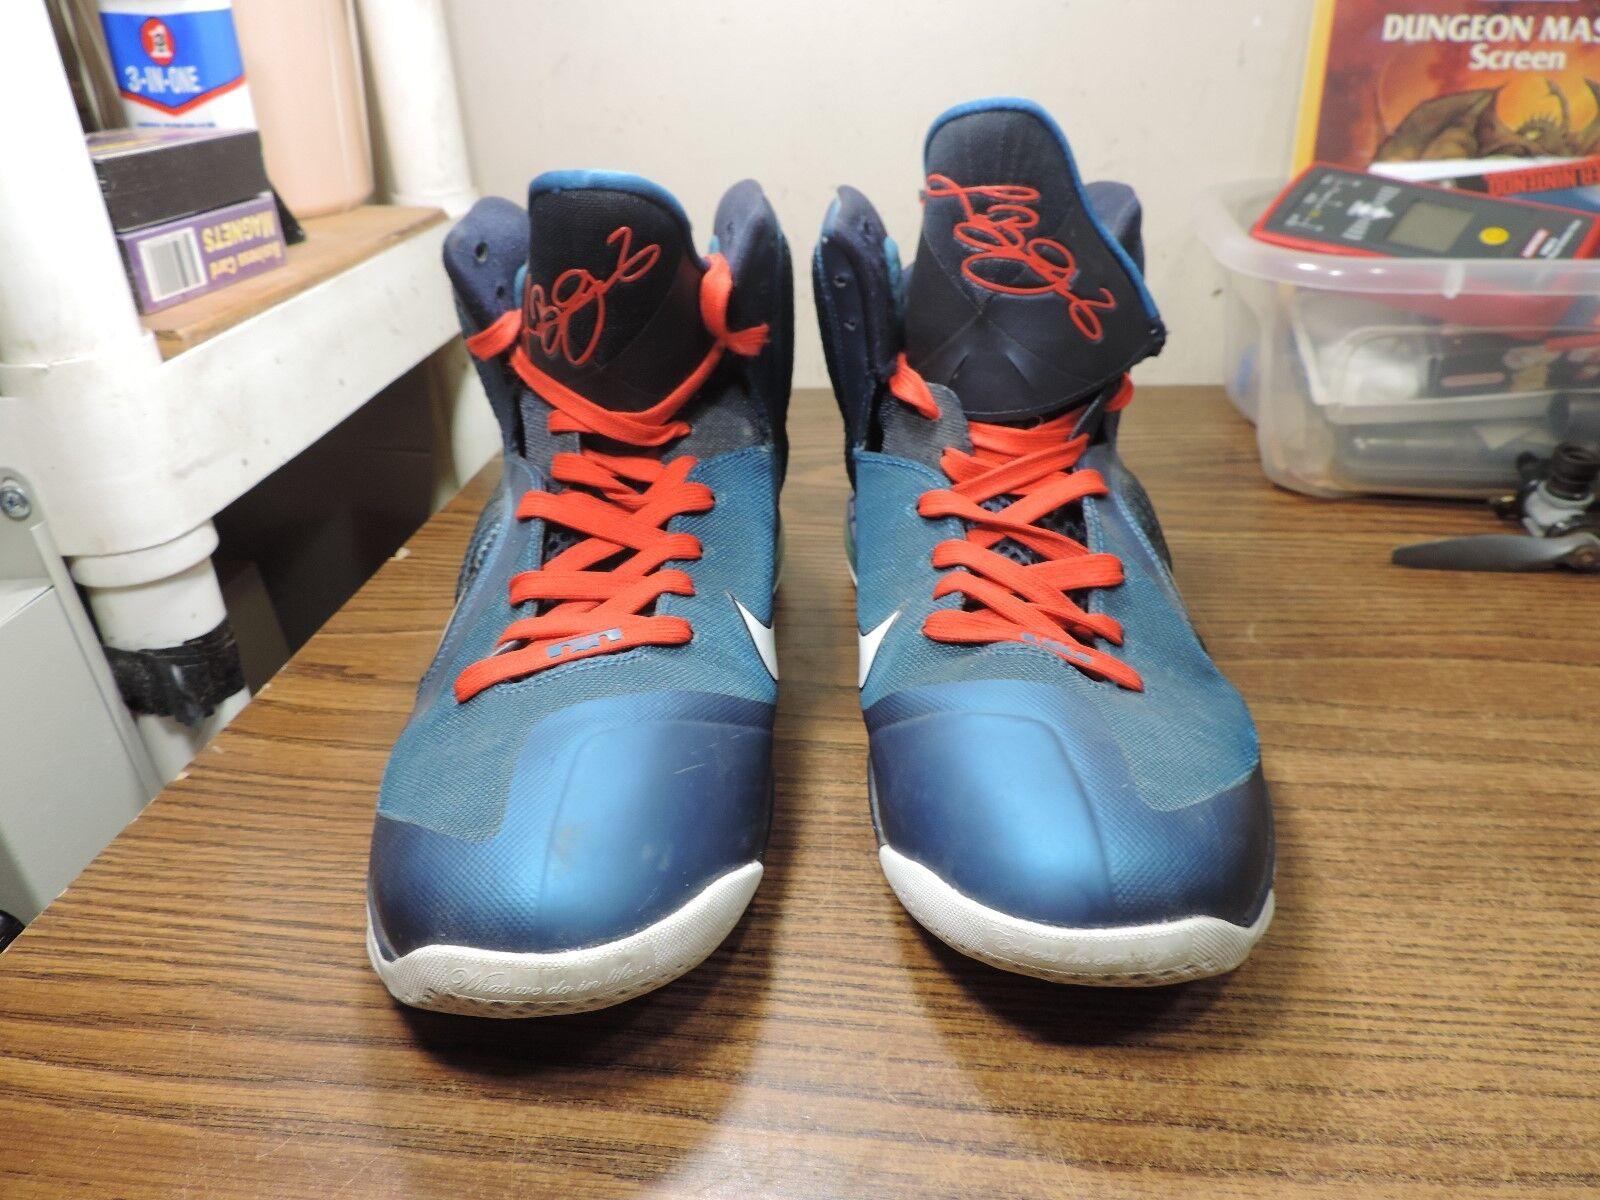 Nike LeBron 9 IX VNDS Griffey Swingman Dunkman Size 12 469764-30